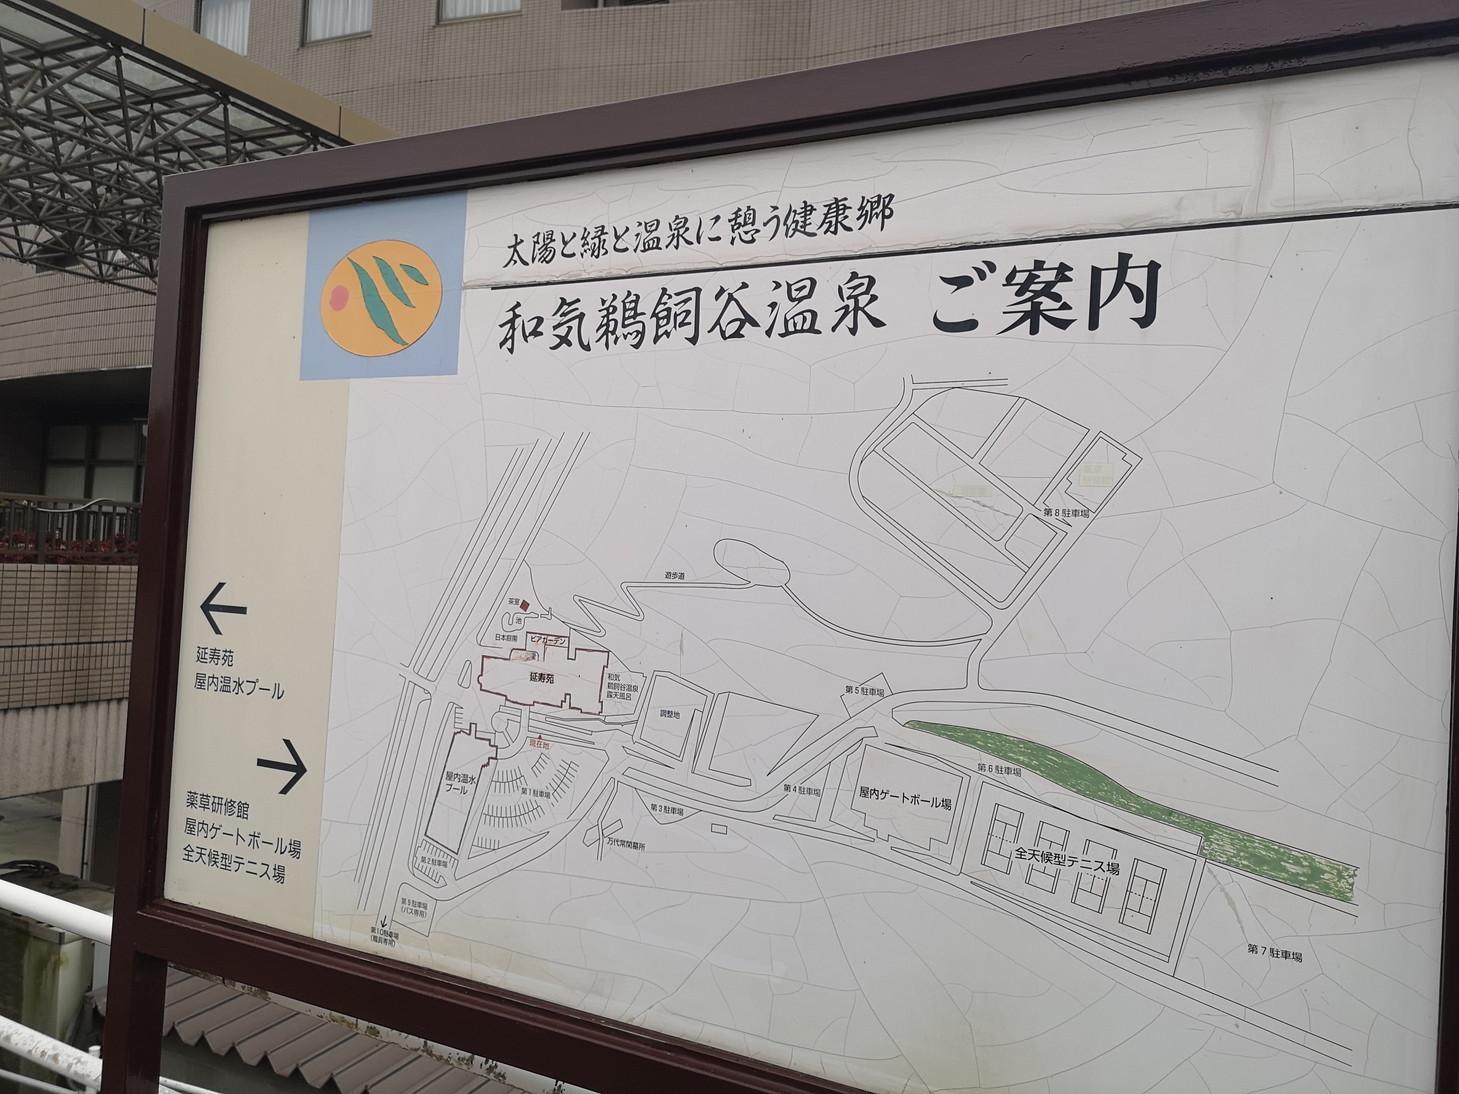 20191219_和気鵜飼谷温泉 (2)